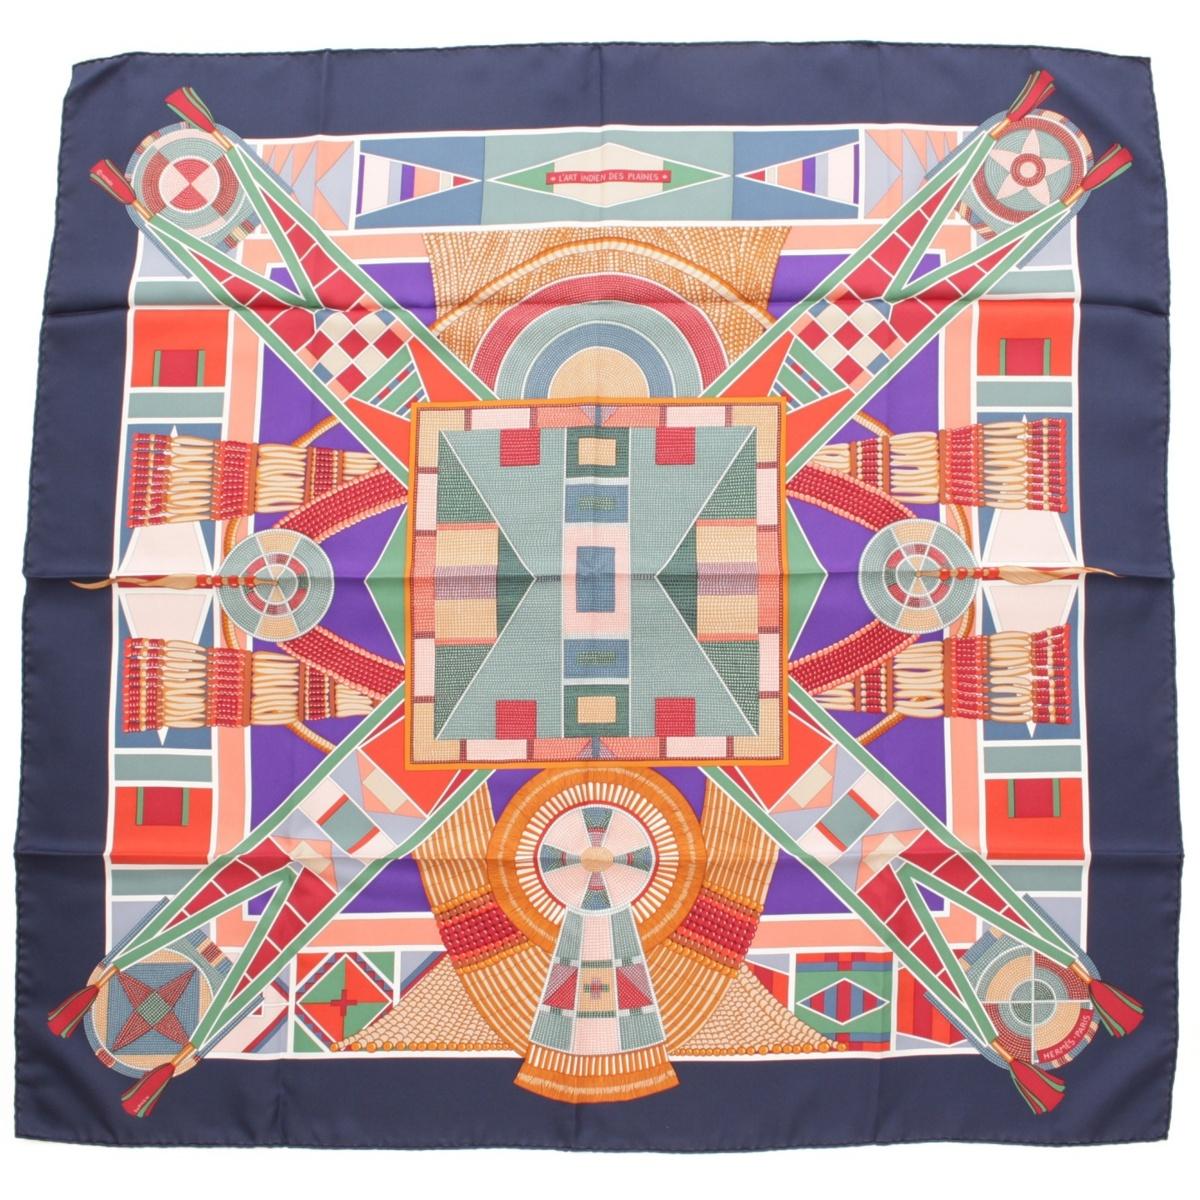 【エルメス】Hermes カレ90 シルクスカーフ L'ART INDIEN DES PLAINES 草原のインディアンアート 【中古】【鑑定済・正規品保証】54508